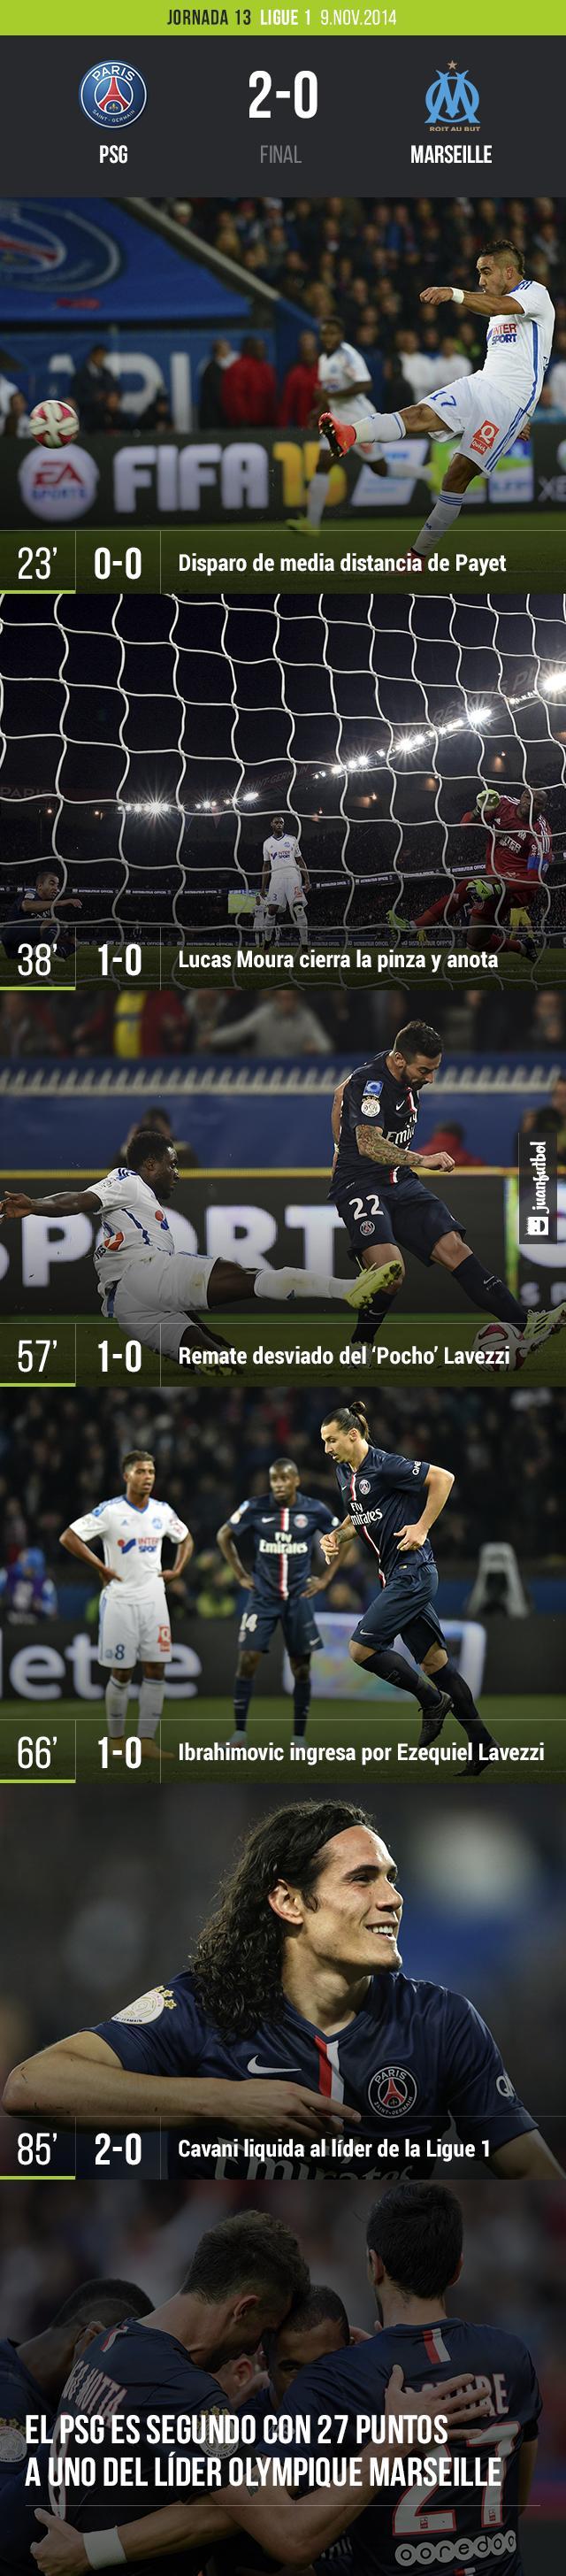 El PSG vence 2-0 al Marseille con goles de Lucas Moura y Edinson Cavani